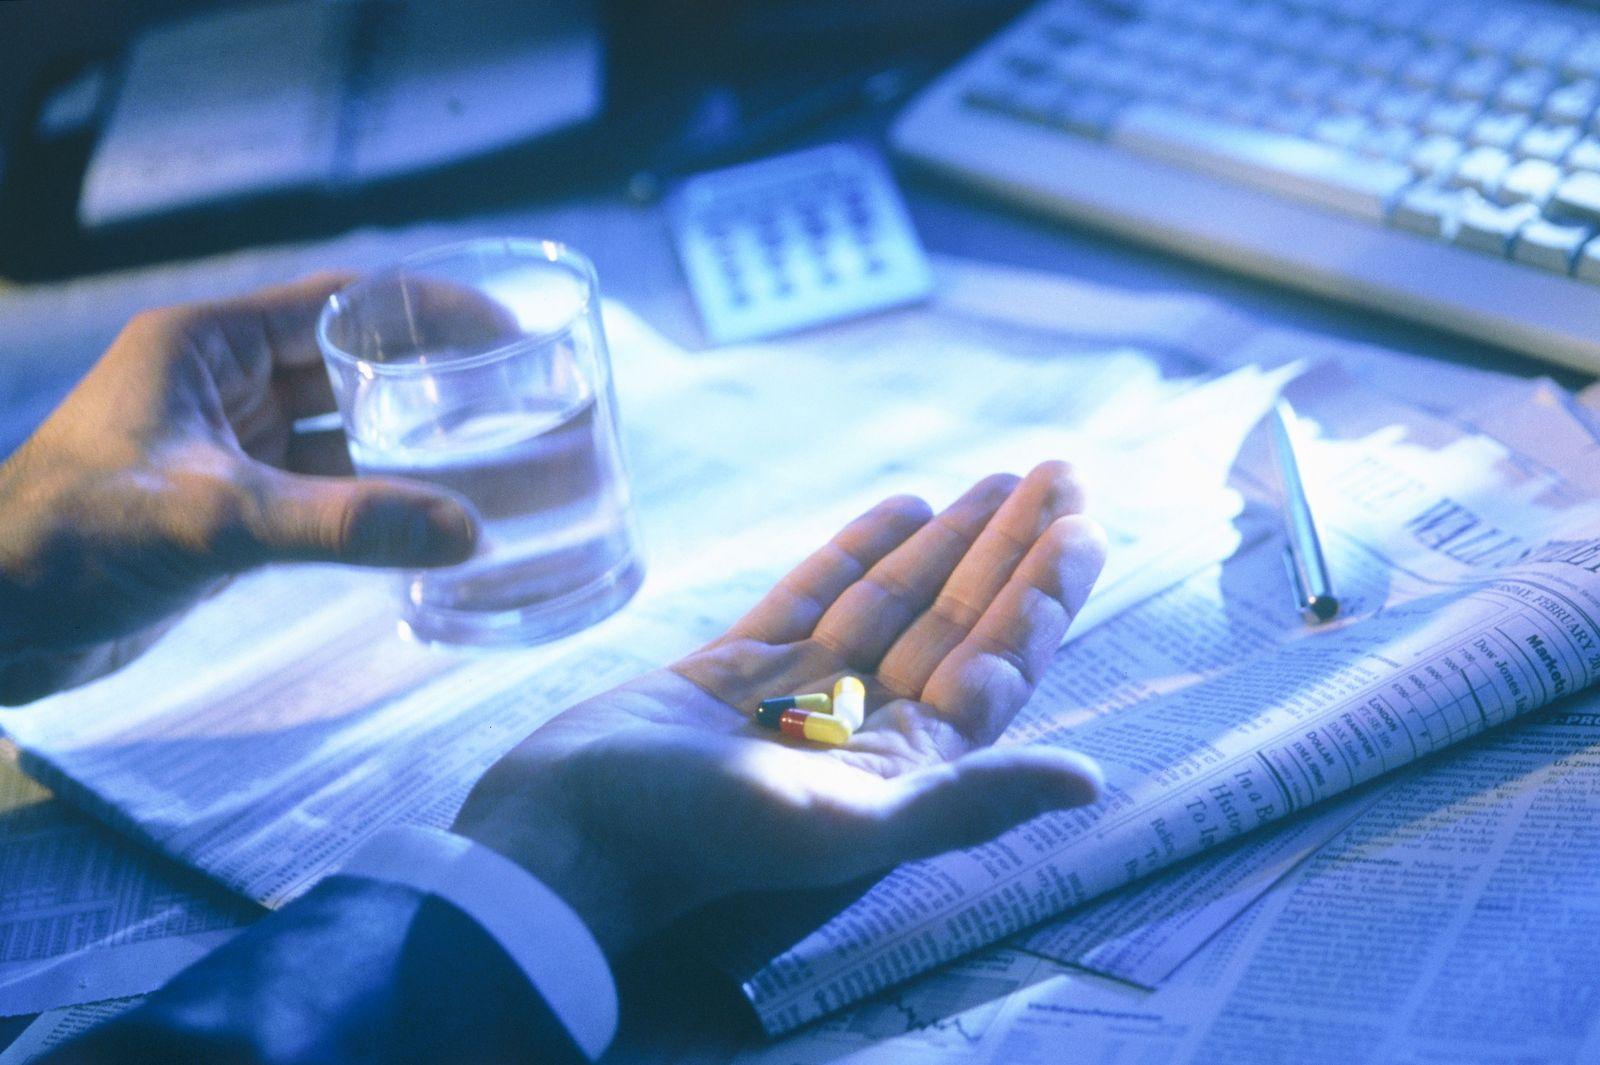 NICHT MEHR VERWENDEN! - Stress / Büro / Geschäftsmann / Medikamente